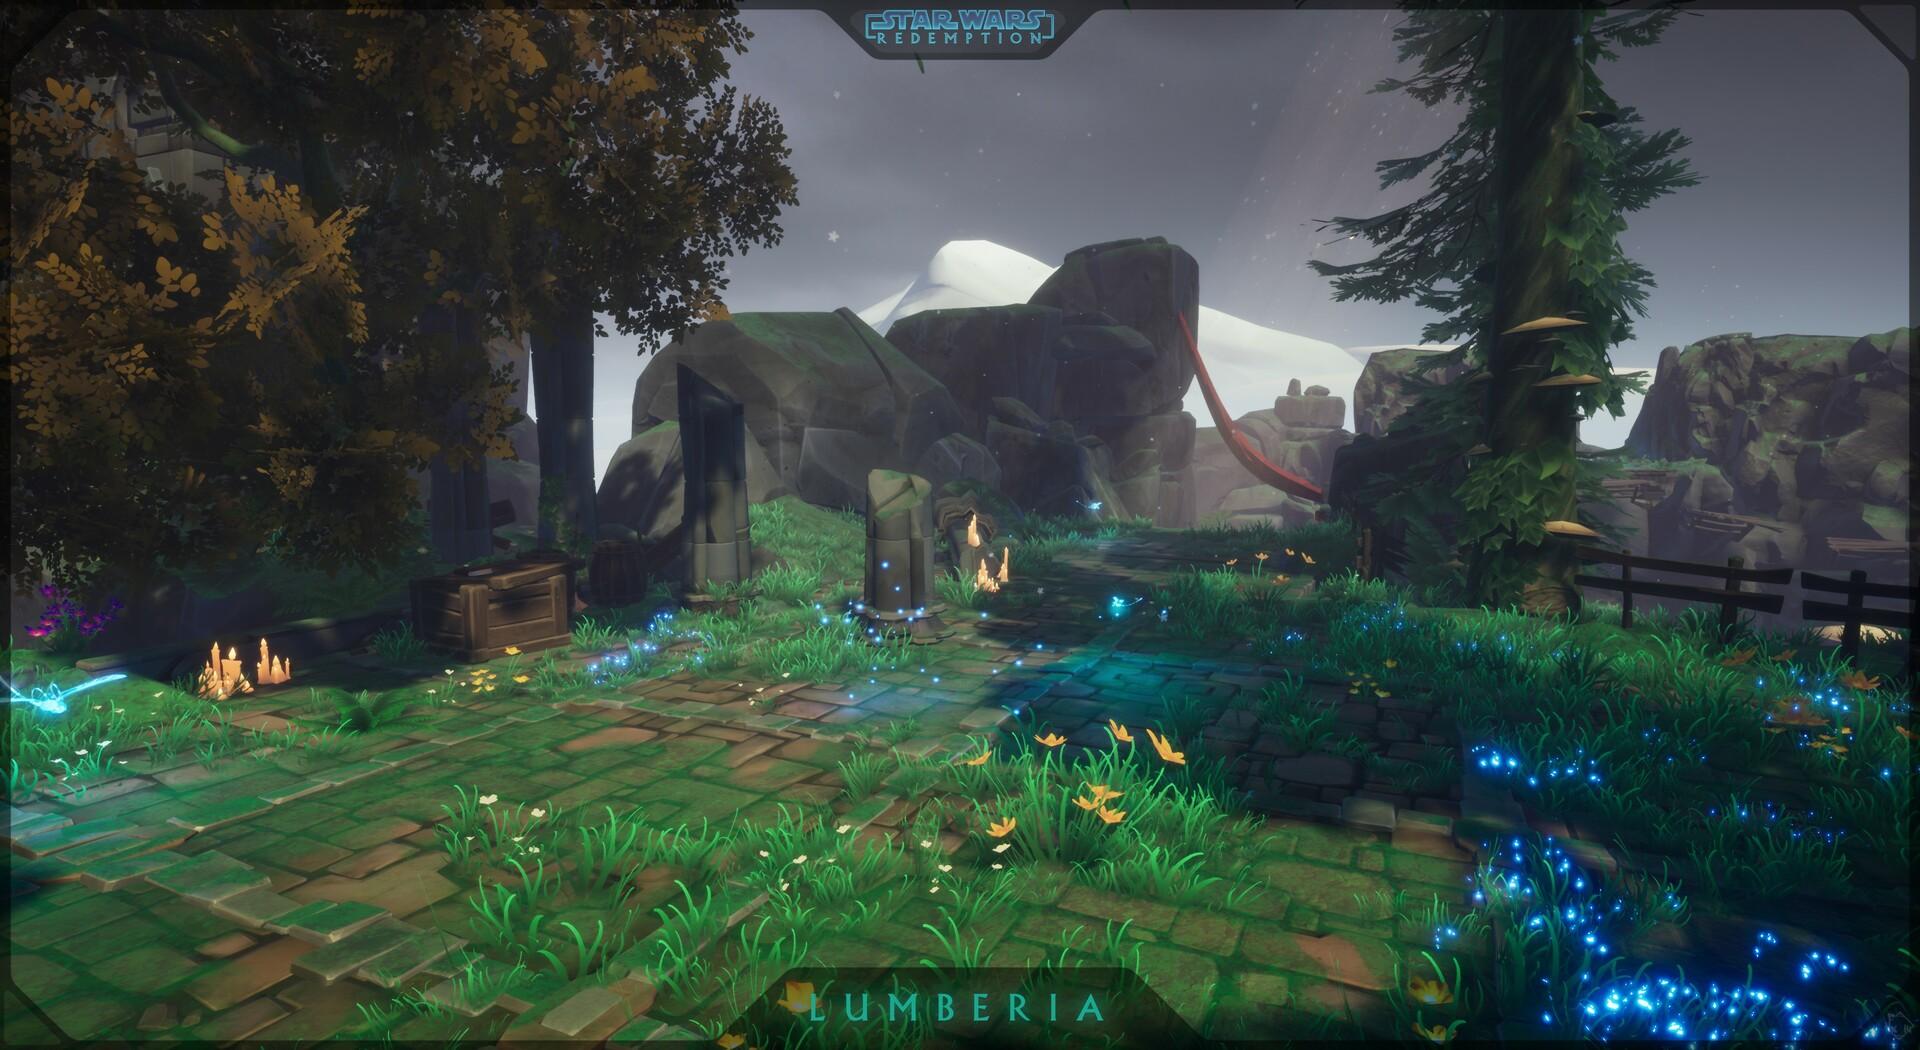 Etienne beschet swr screenshot lumberia temple 04